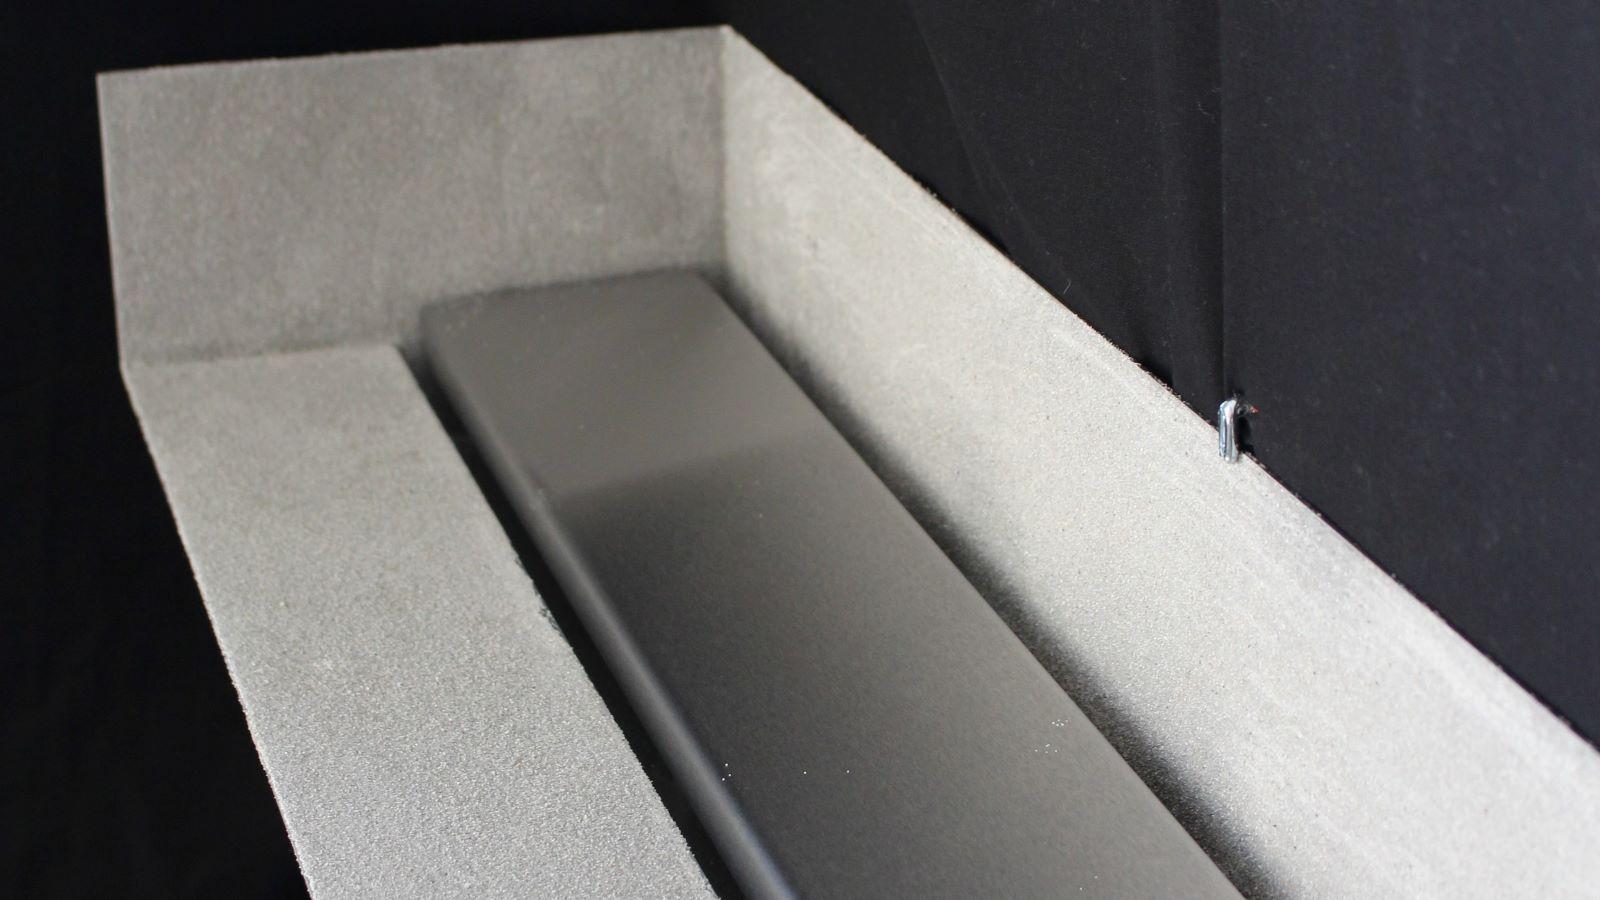 Abgebildet ist die robuste v4a edelstahl-duschrinne pro s. Diese reihenduschrinne hat einen über die gesamte laenge integrierten sandfang. Die hochwertige, langlebige abdeckung aus gebuerstetem v4a edelstahl ist sehr pflegeleicht.